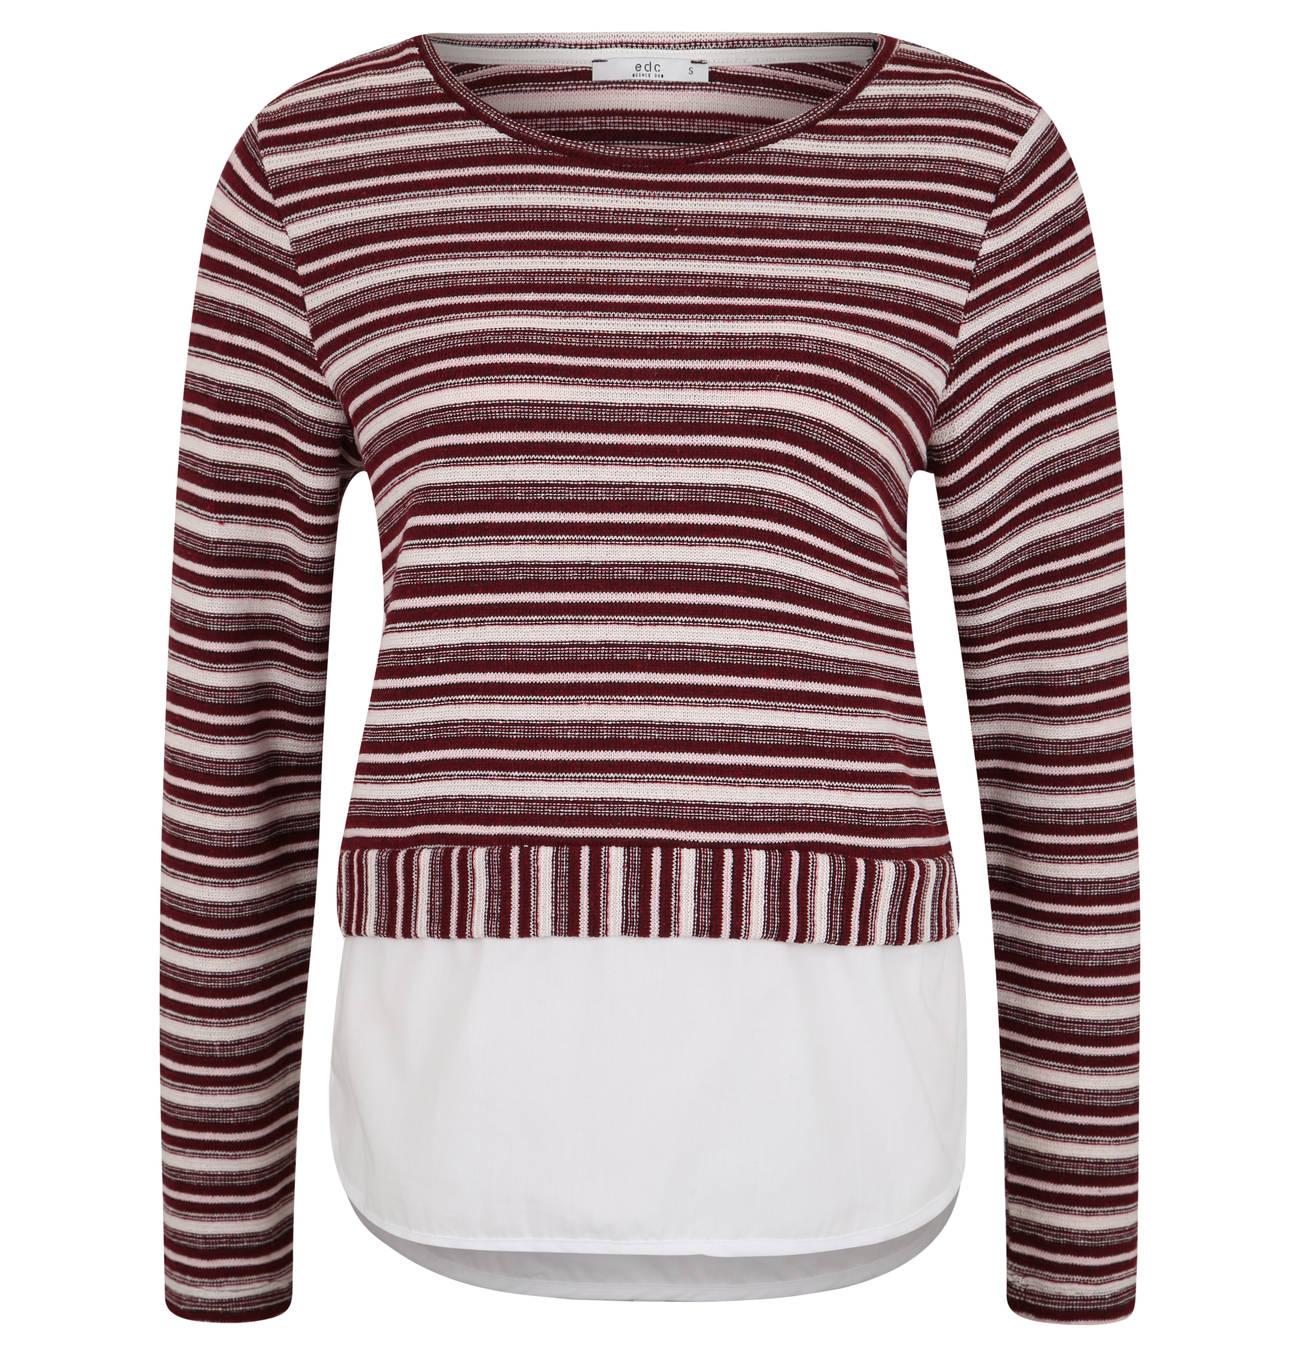 Pullover, Strick, gestreift, Blusen Besatz, verlängerte